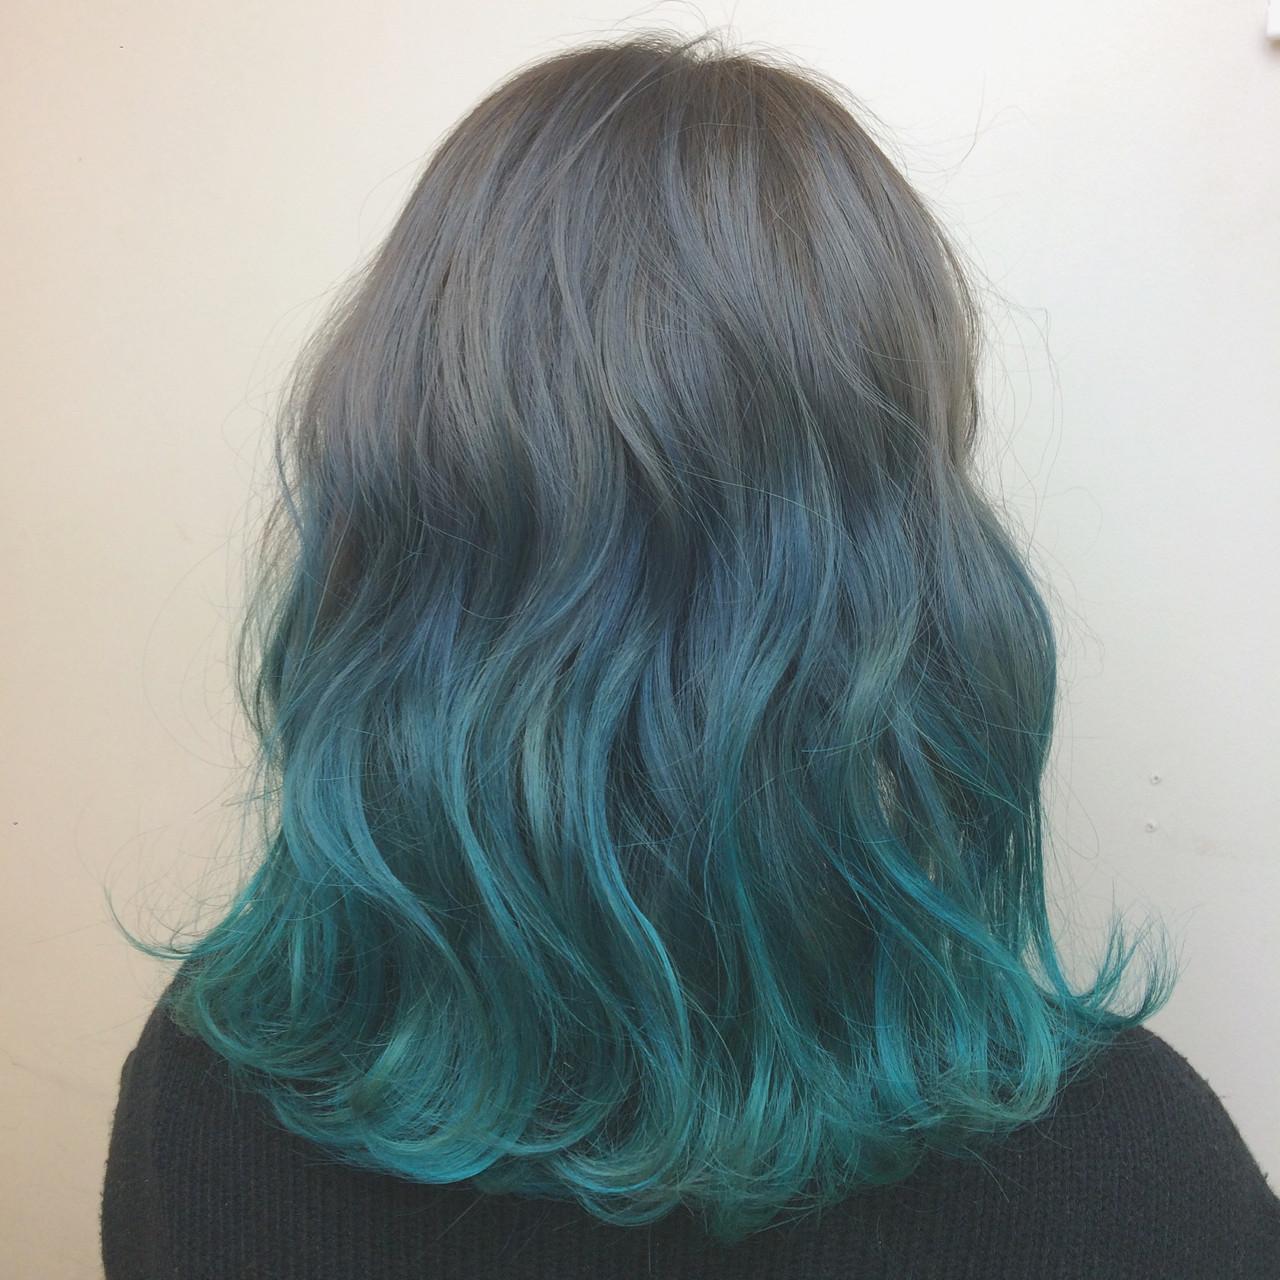 ダブルカラー ブリーチ グラデーションカラー ミディアムヘアスタイルや髪型の写真・画像